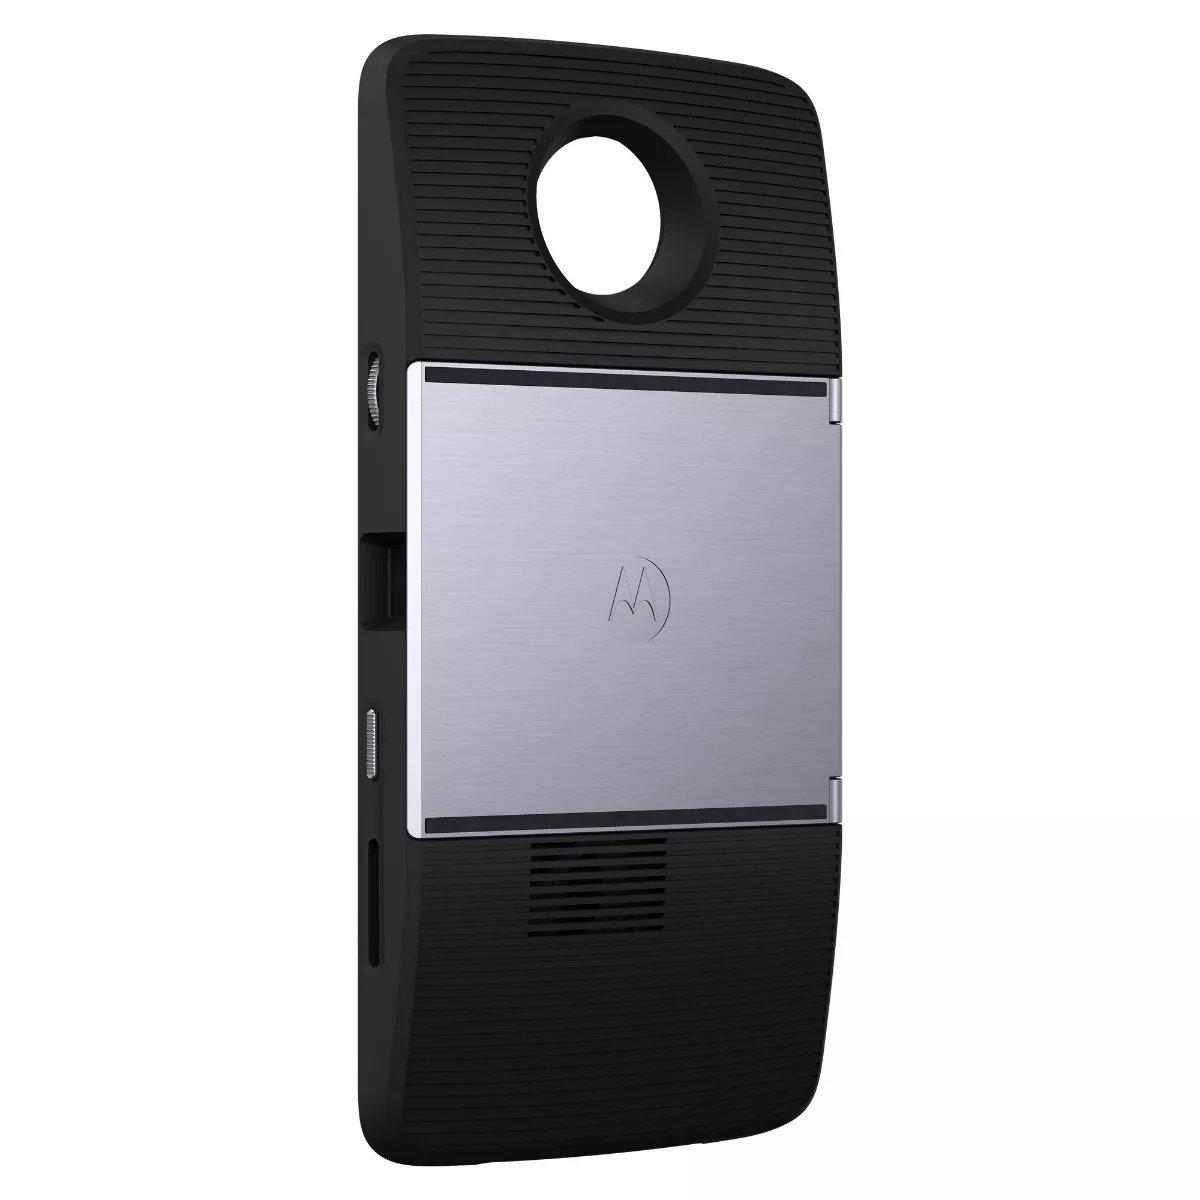 Moto Mod Motorola Proyector Blanco